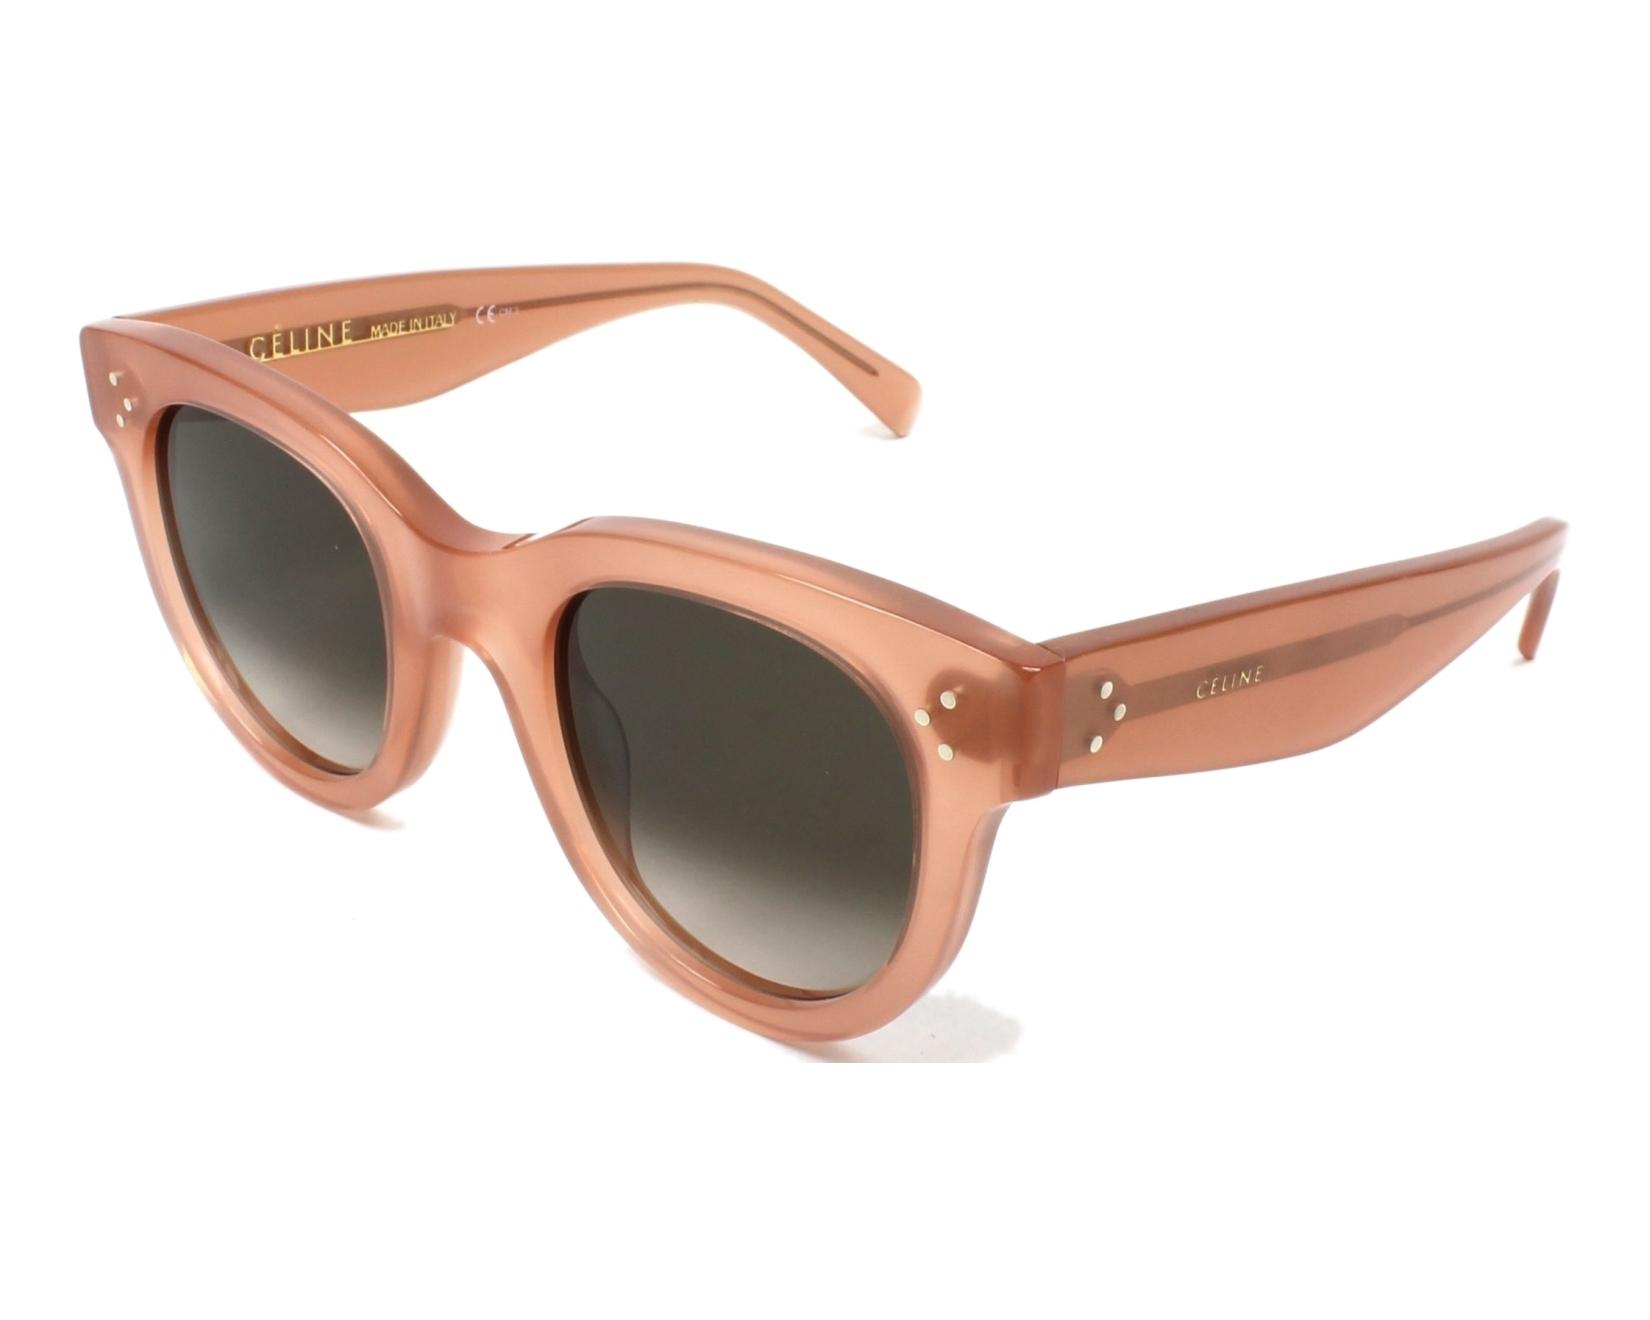 ca76239113 Sunglasses Céline CL-41053 N80 Z3 - Rosa profile view